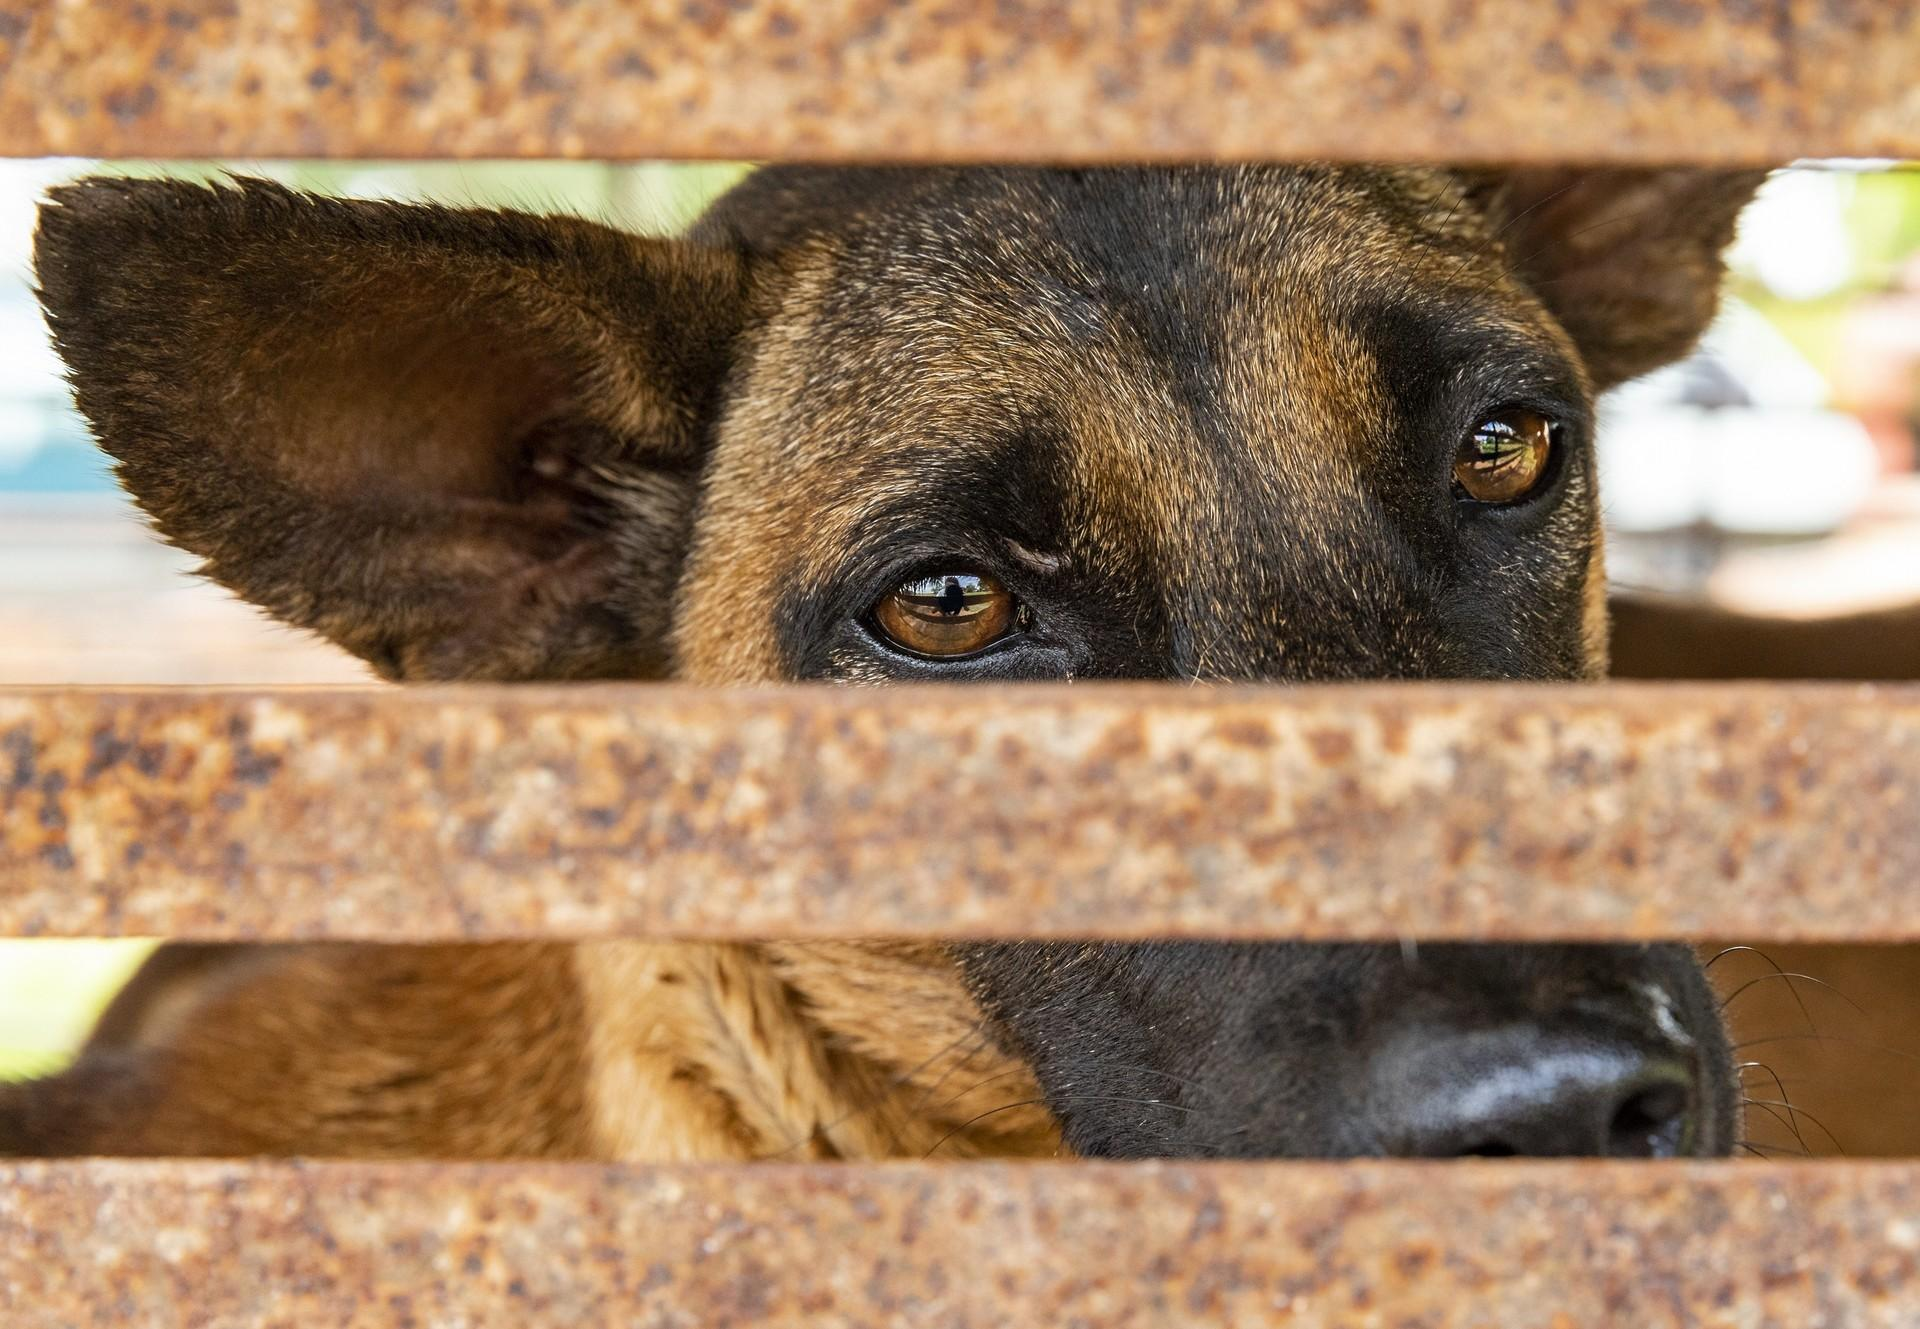 Hund hinter Gittern eines kleinen Käfigs